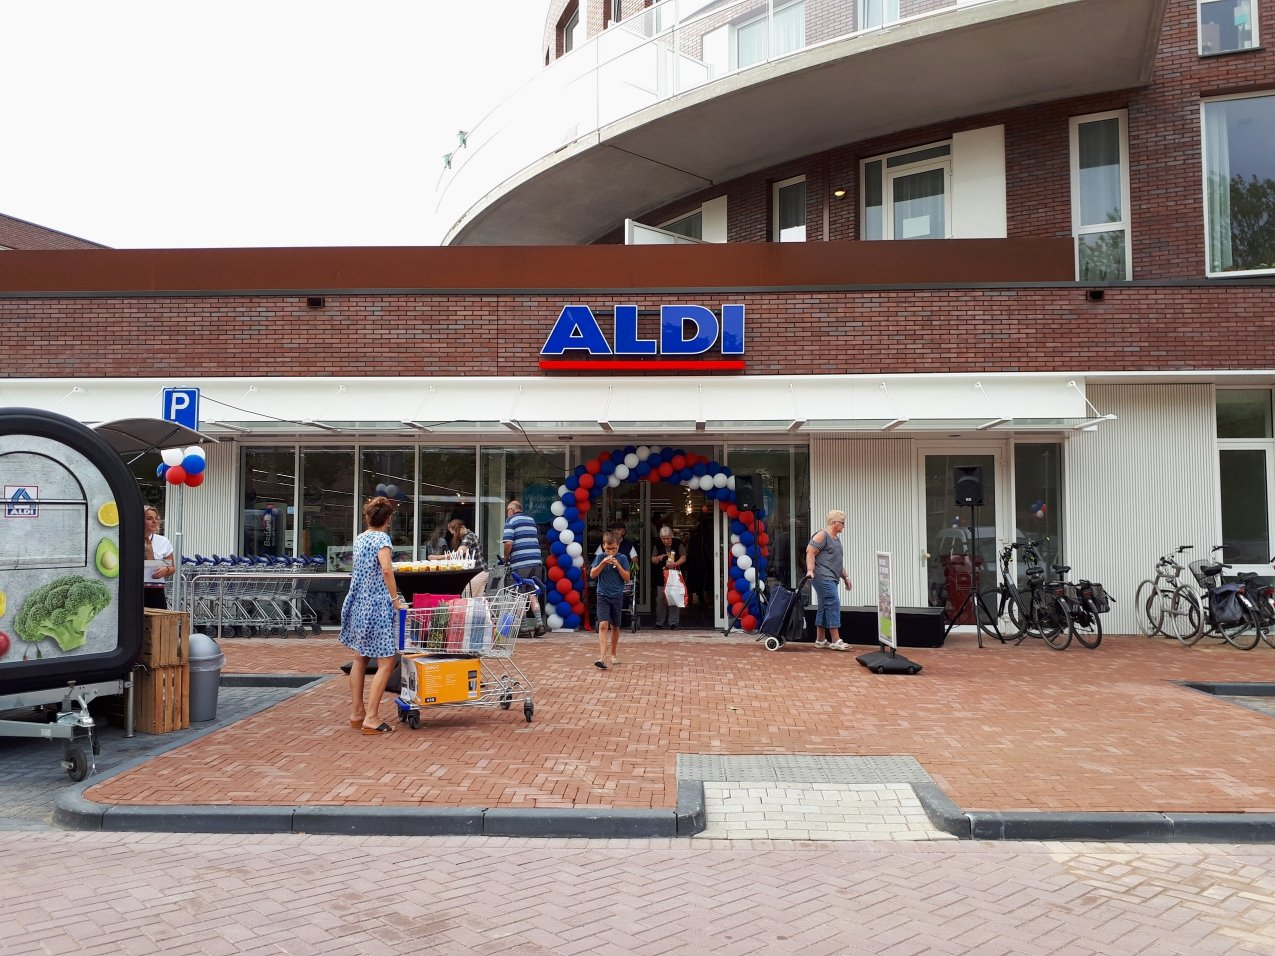 aldi-supermarkt-oud-beijerland-vernieuwd-verhuisd-zoomwijck